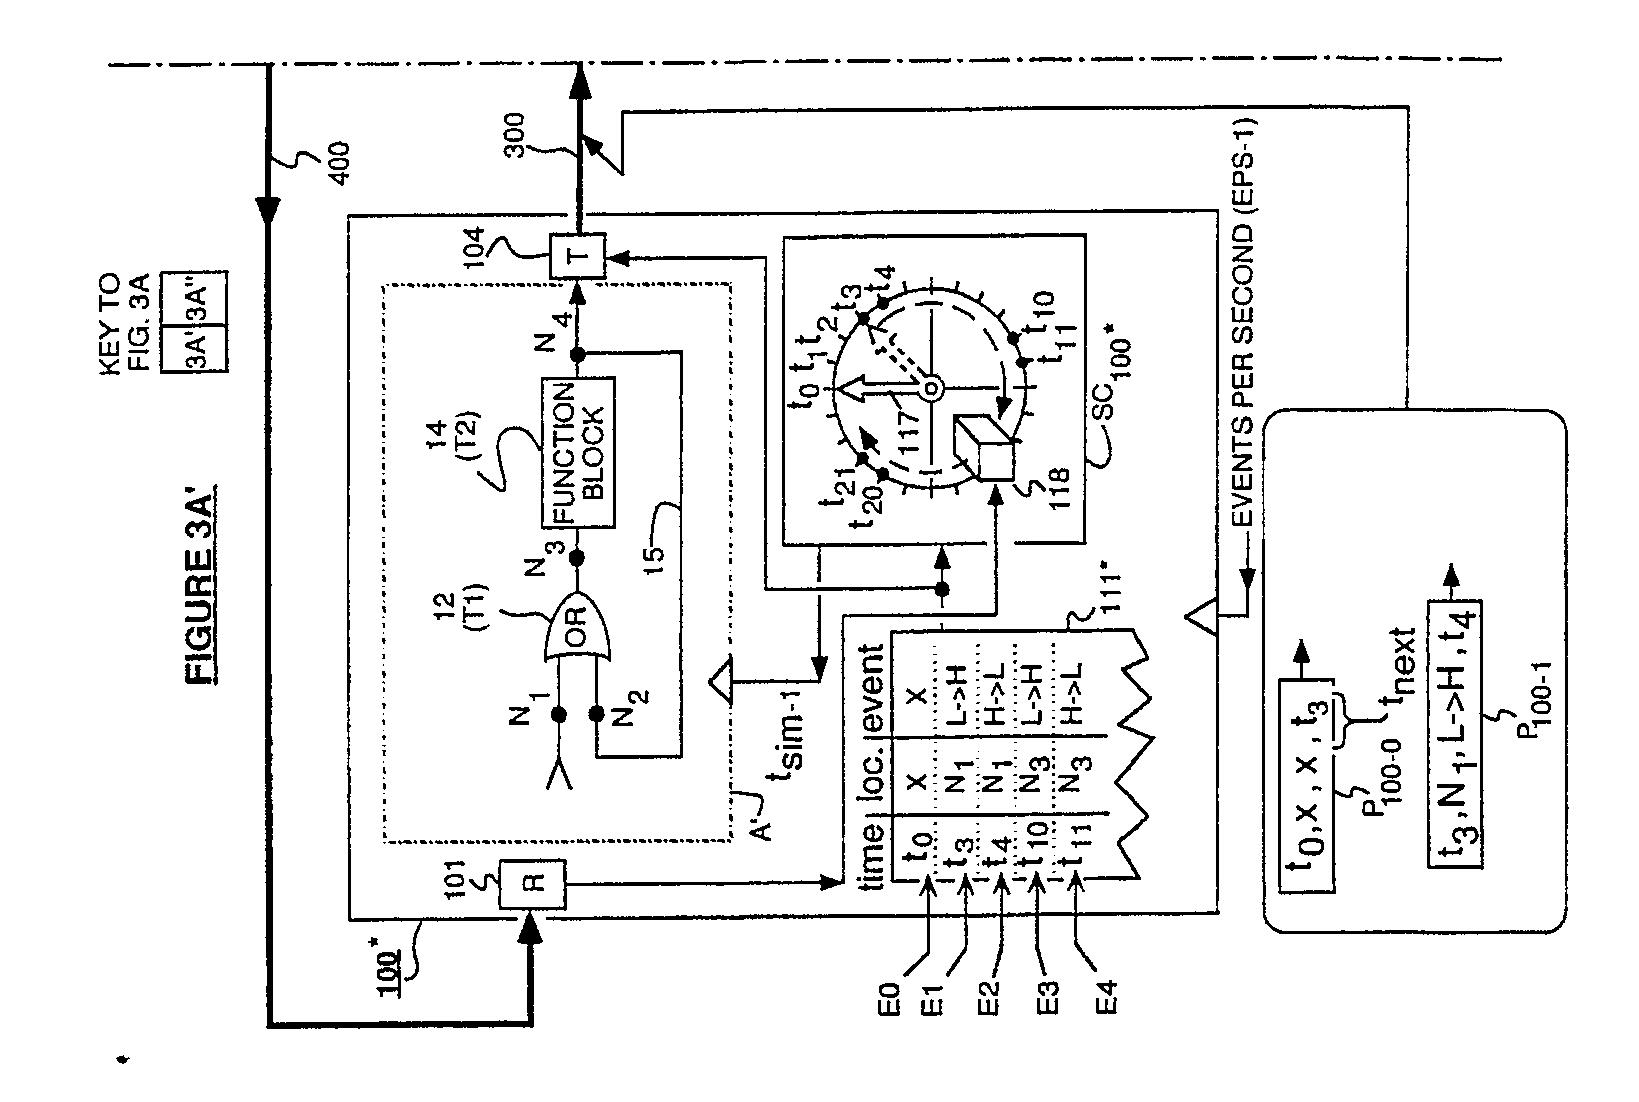 ep0418980a2